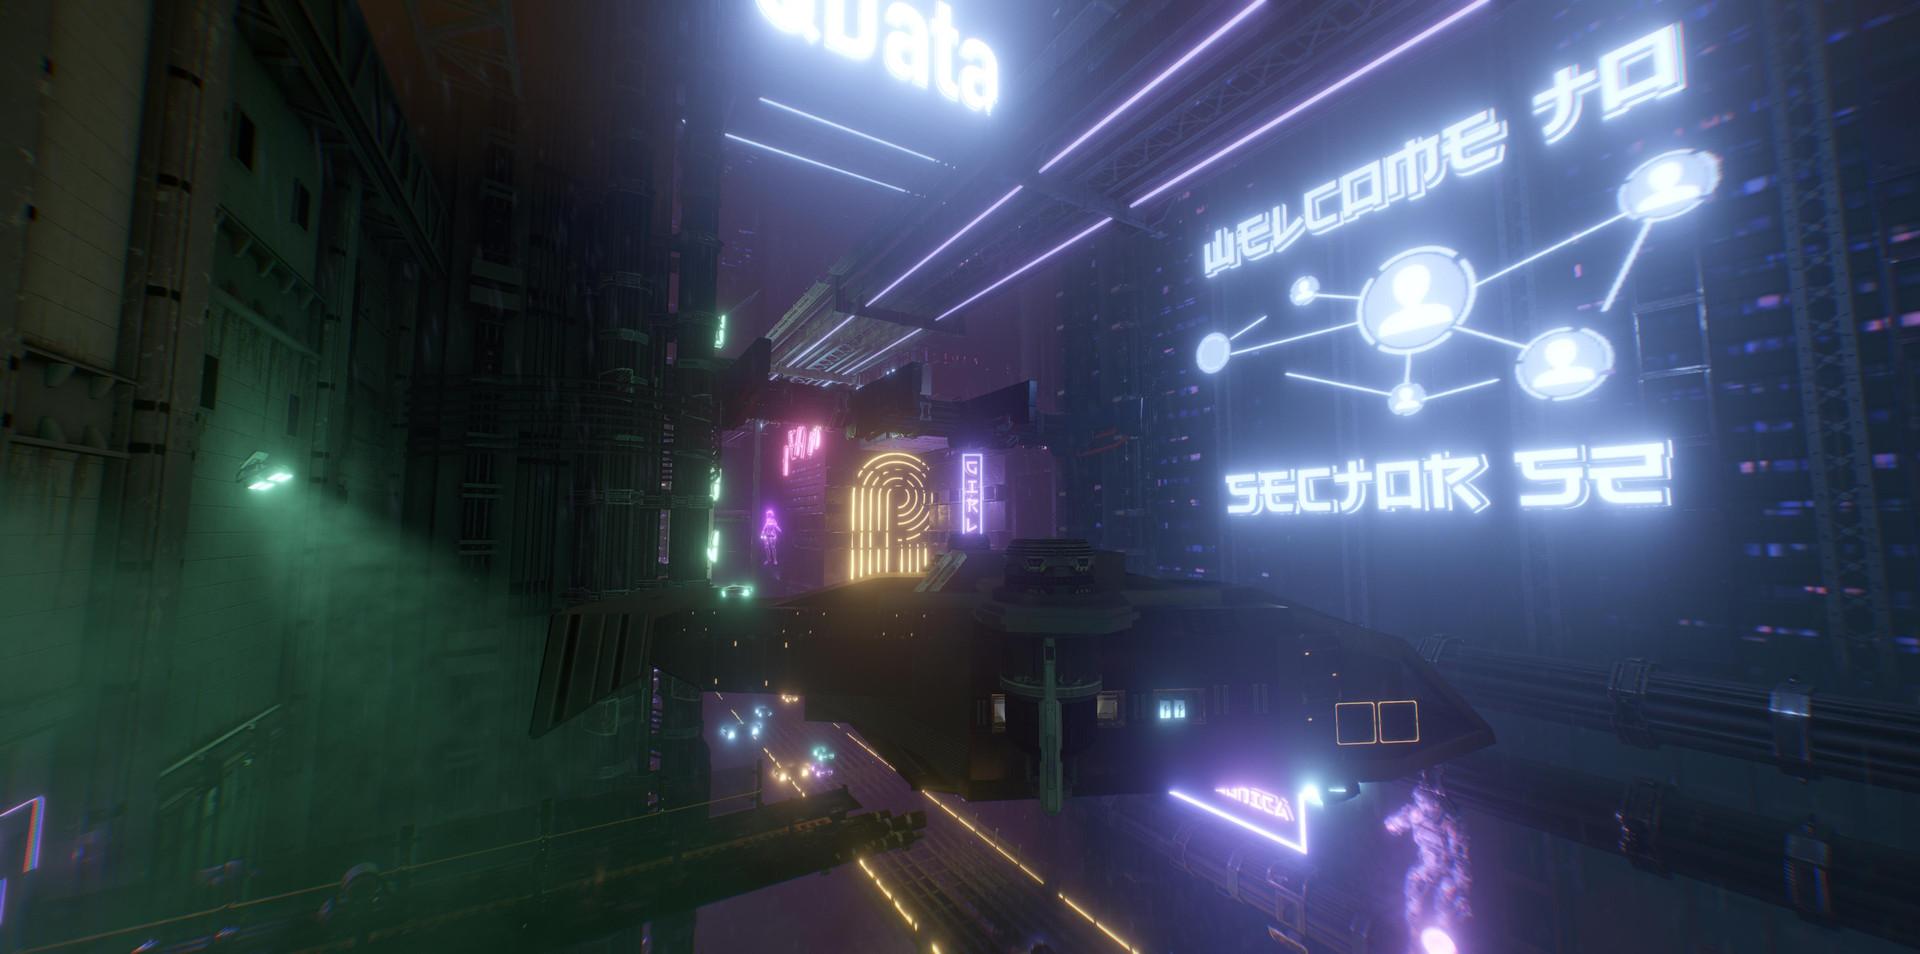 ER_Cyberpunk_1.jpg